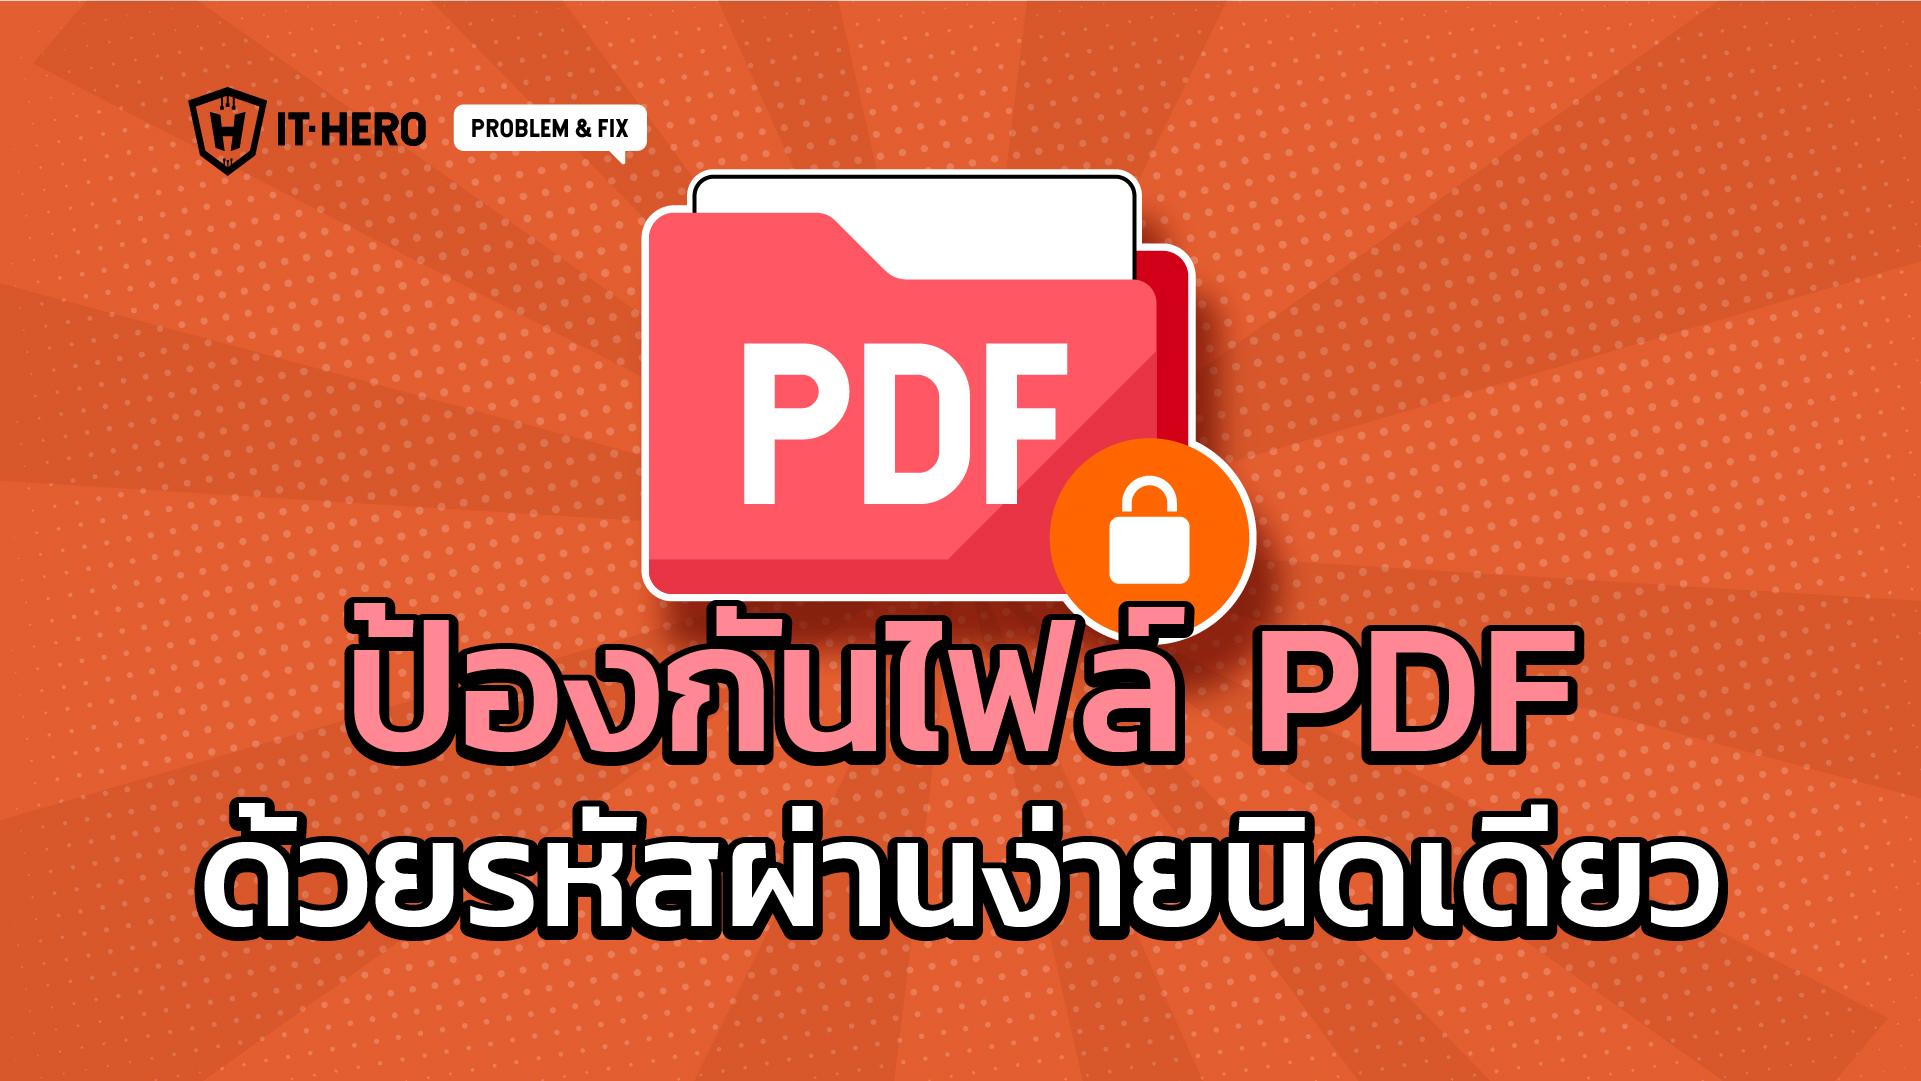 ป้องกันไฟล์ PDF ด้วยรหัสผ่านง่ายนิดเดียว